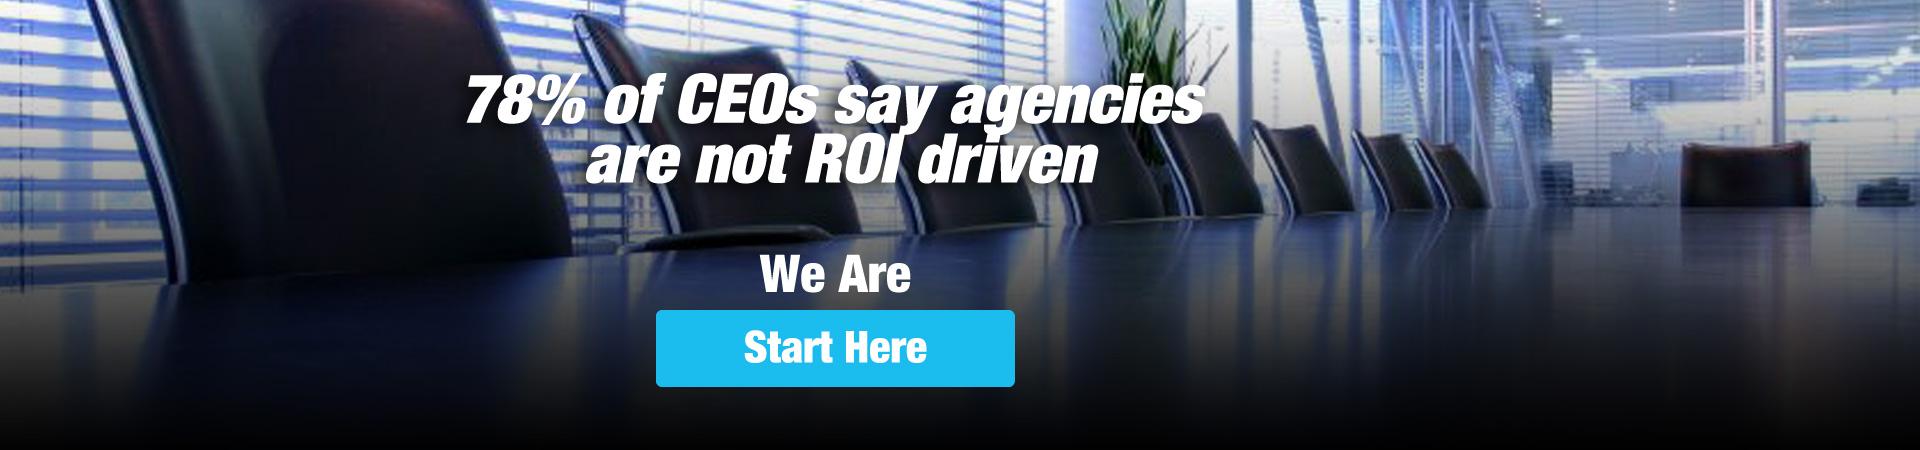 ROI-Baltimore-Agency